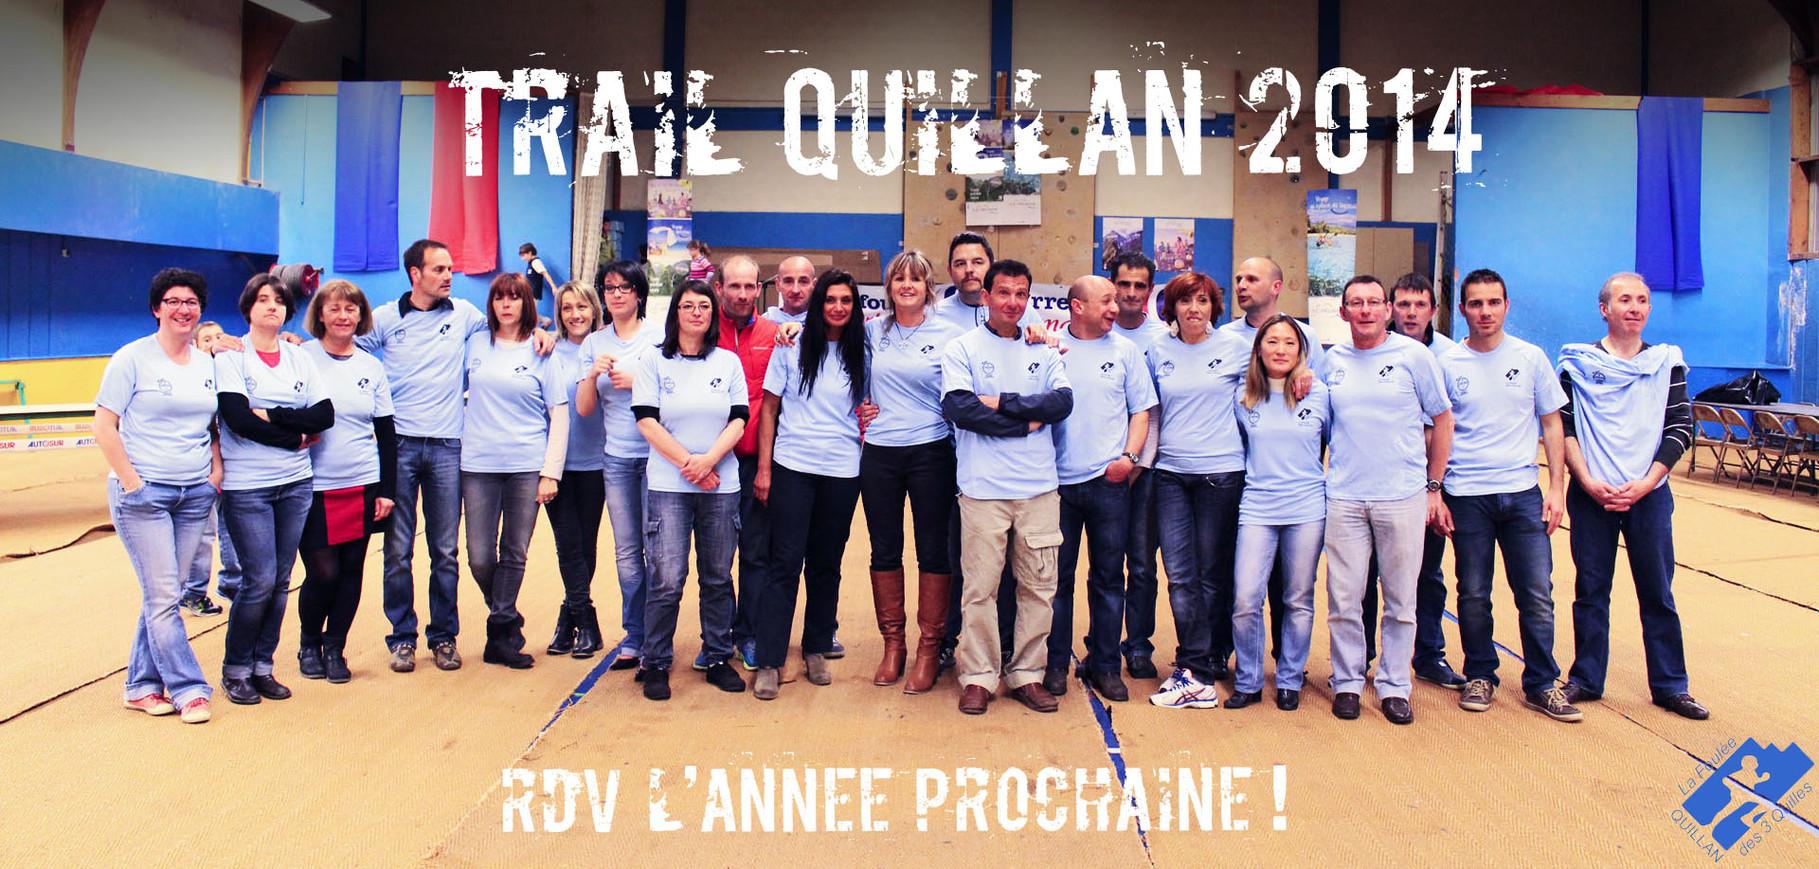 Trail Quillan 2014 - La Foulée des 3 Quilles